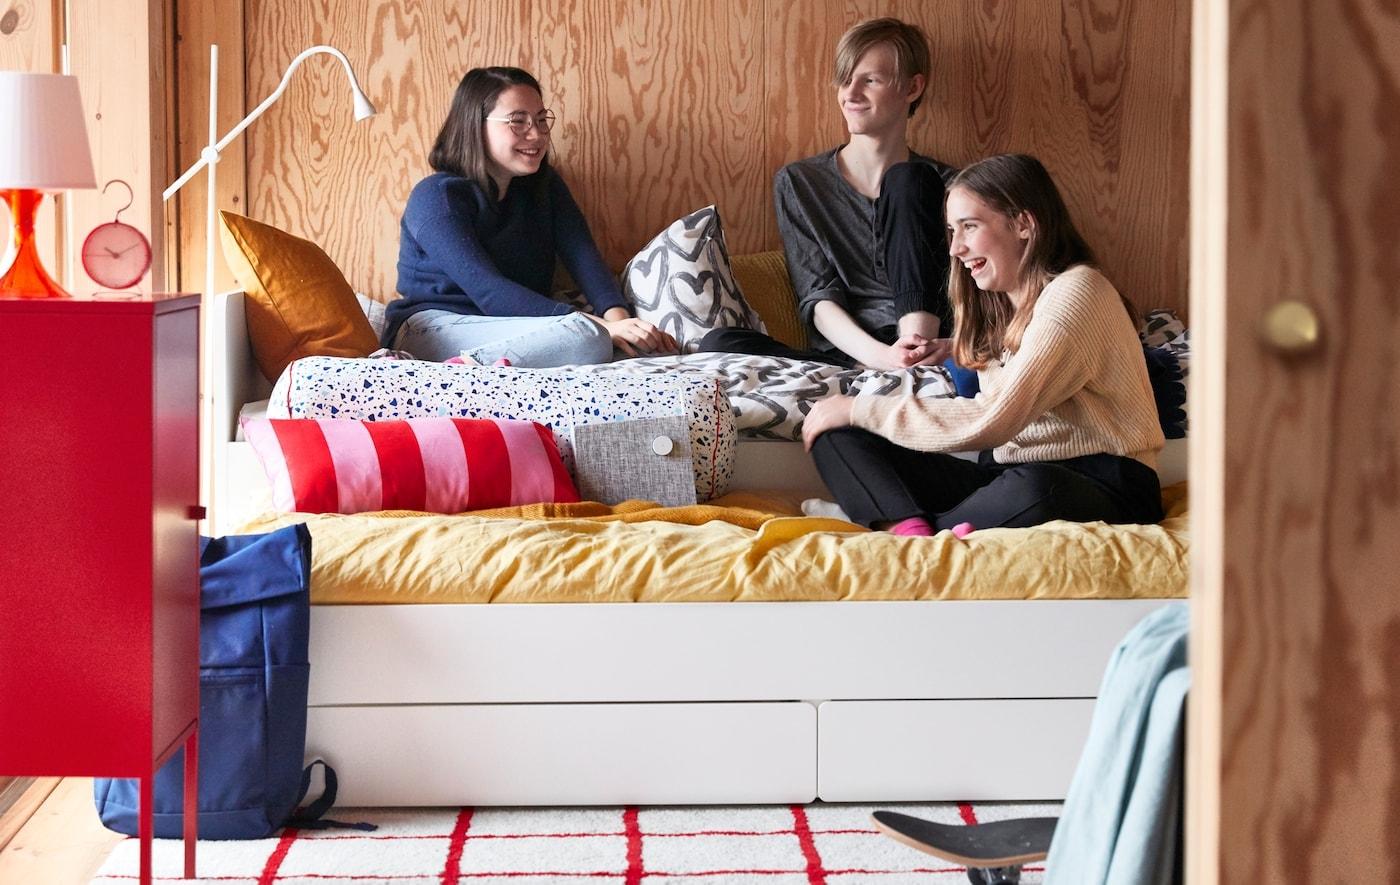 Skupina teenagerů se baví na rozkládací posteli SLÄKT